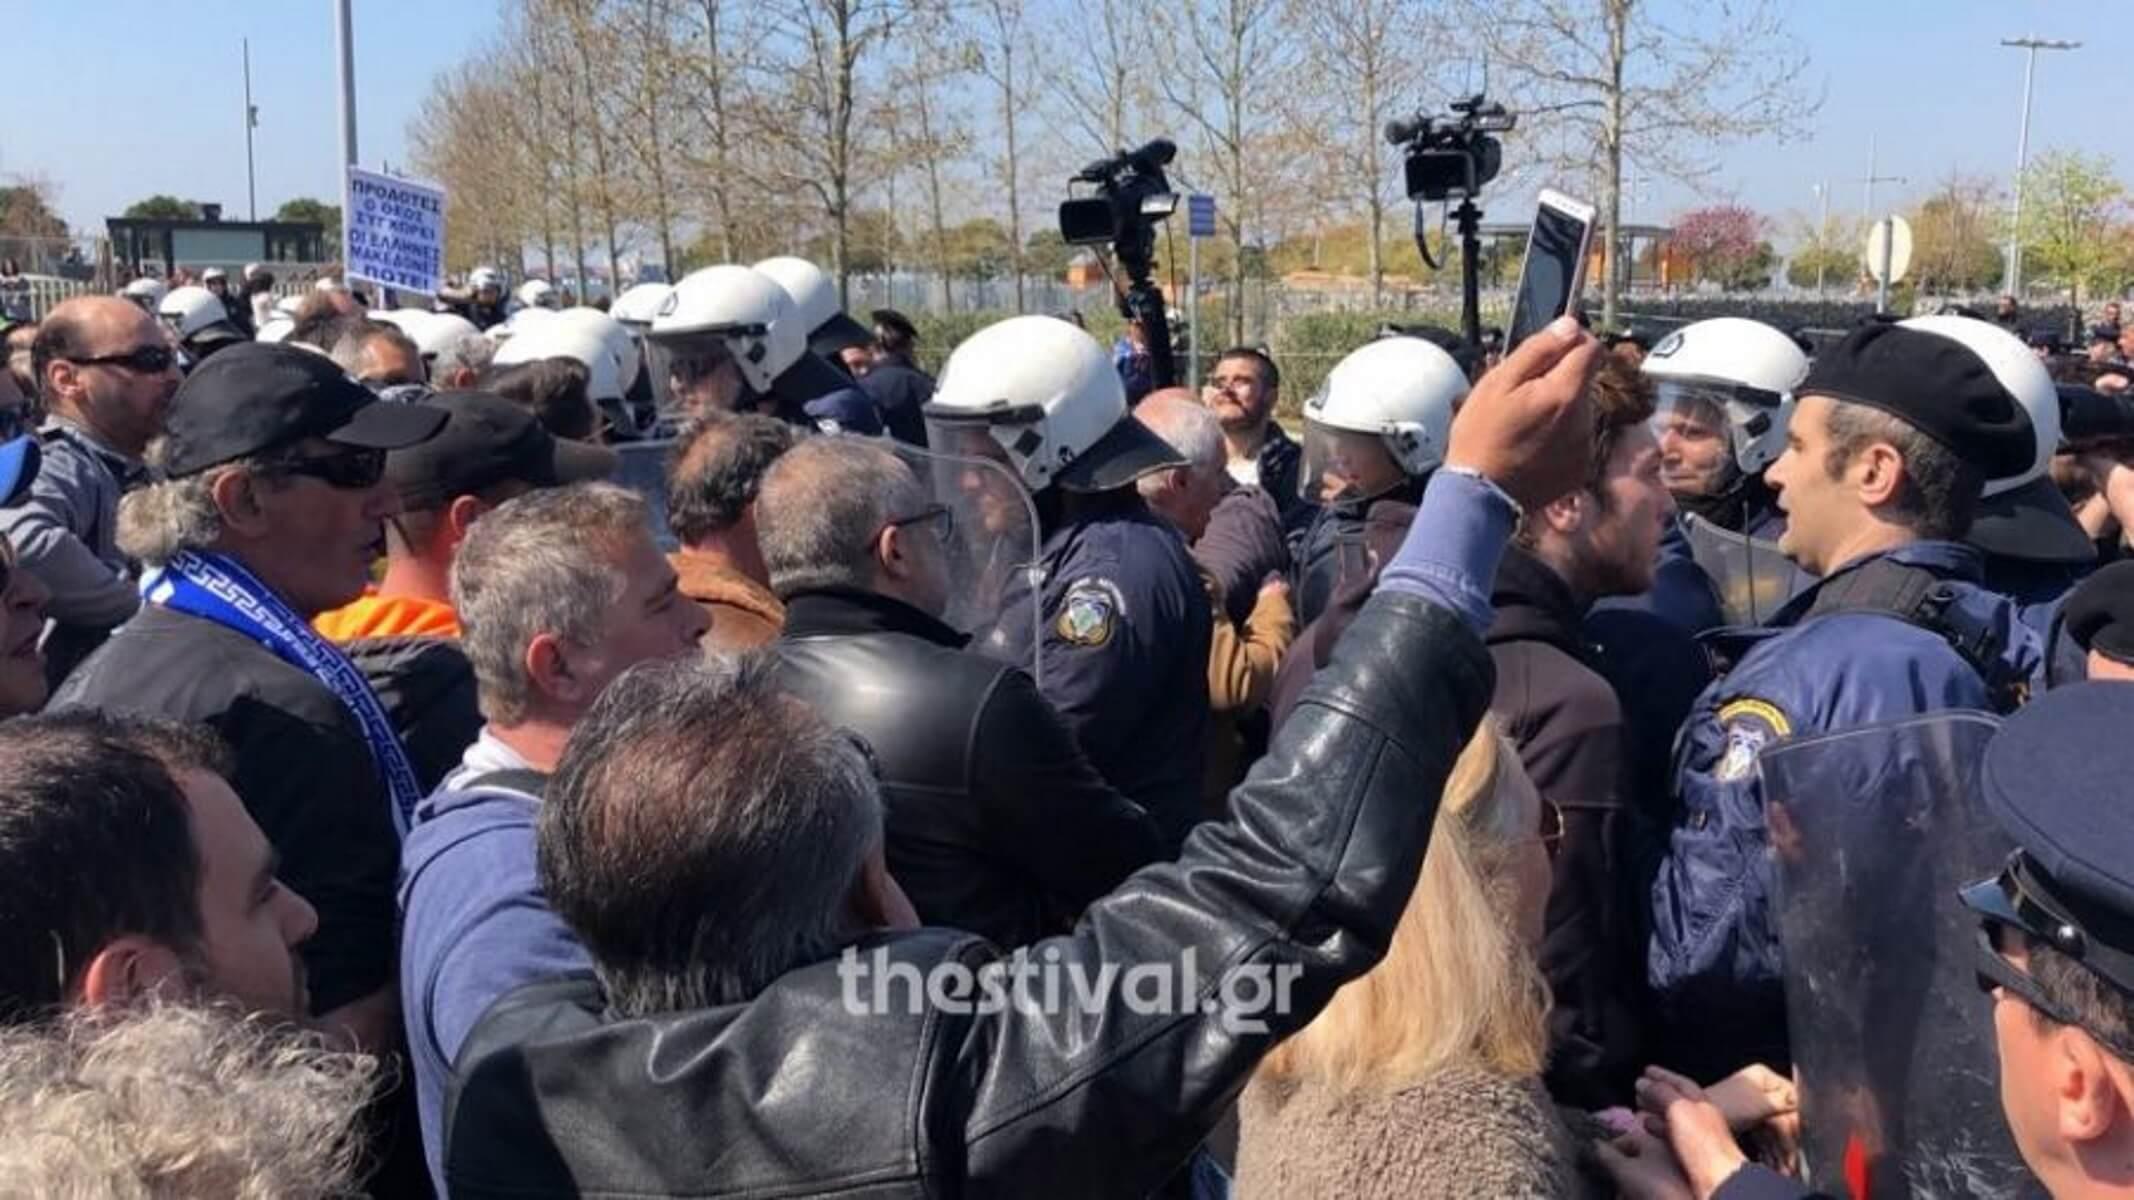 Παρέλαση 25 Μαρτίου – Θεσσαλονίκη: Πολίτες παρέλασαν για τη Μακεδονία! – video